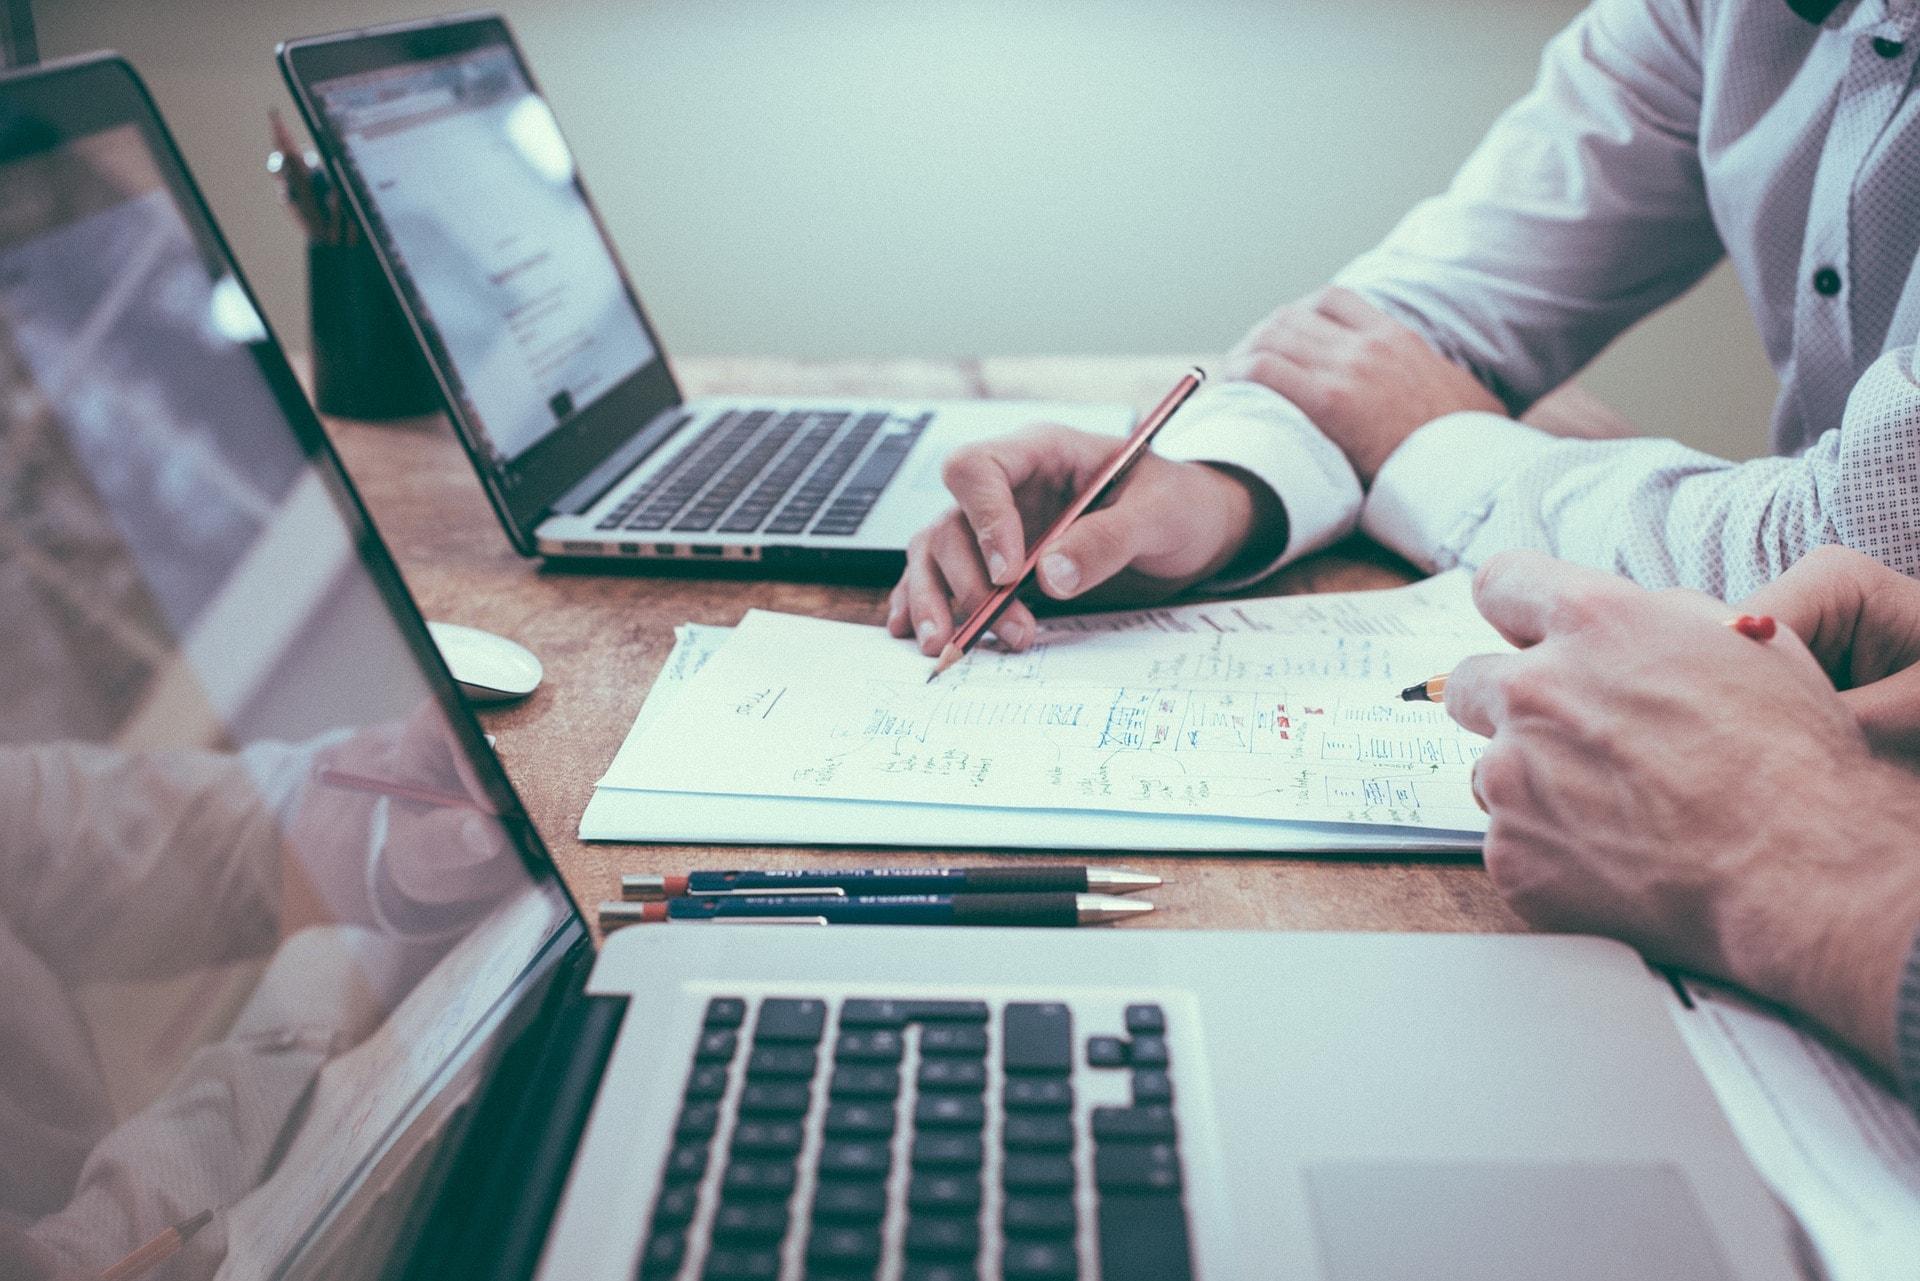 Lektorat und Korrektur einer Bachelorarbeit